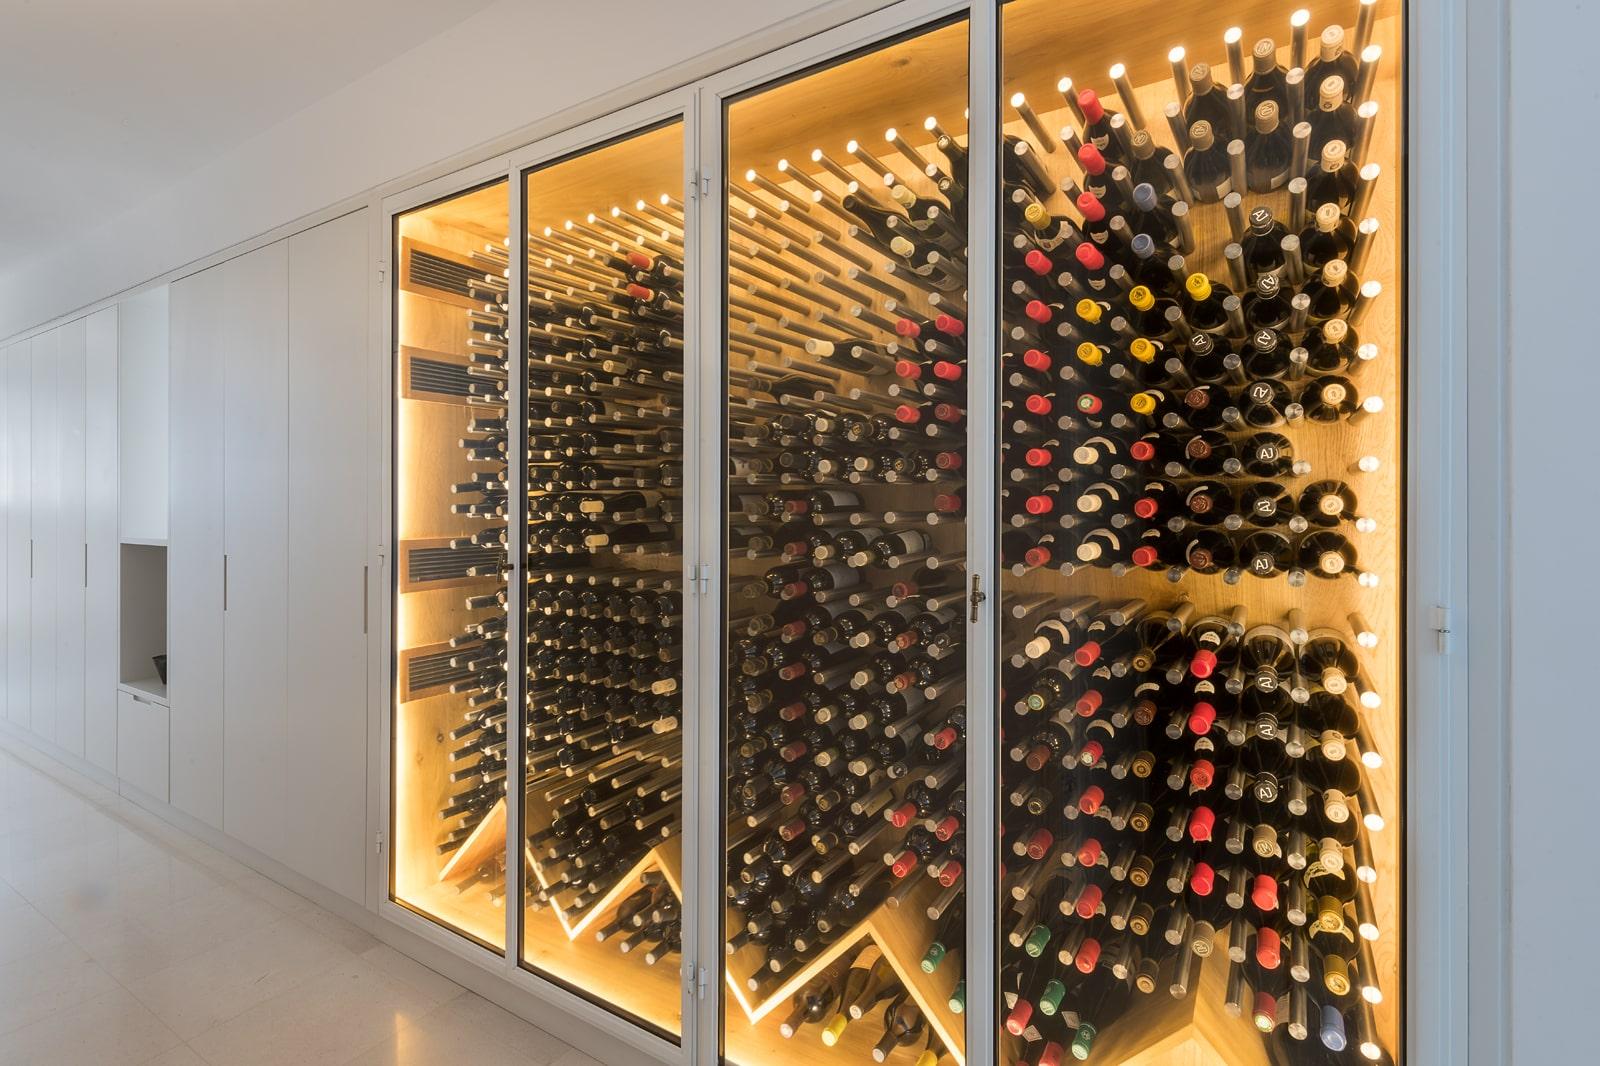 ארון יינות חשמלי בנגרות עם תאורה פנימית